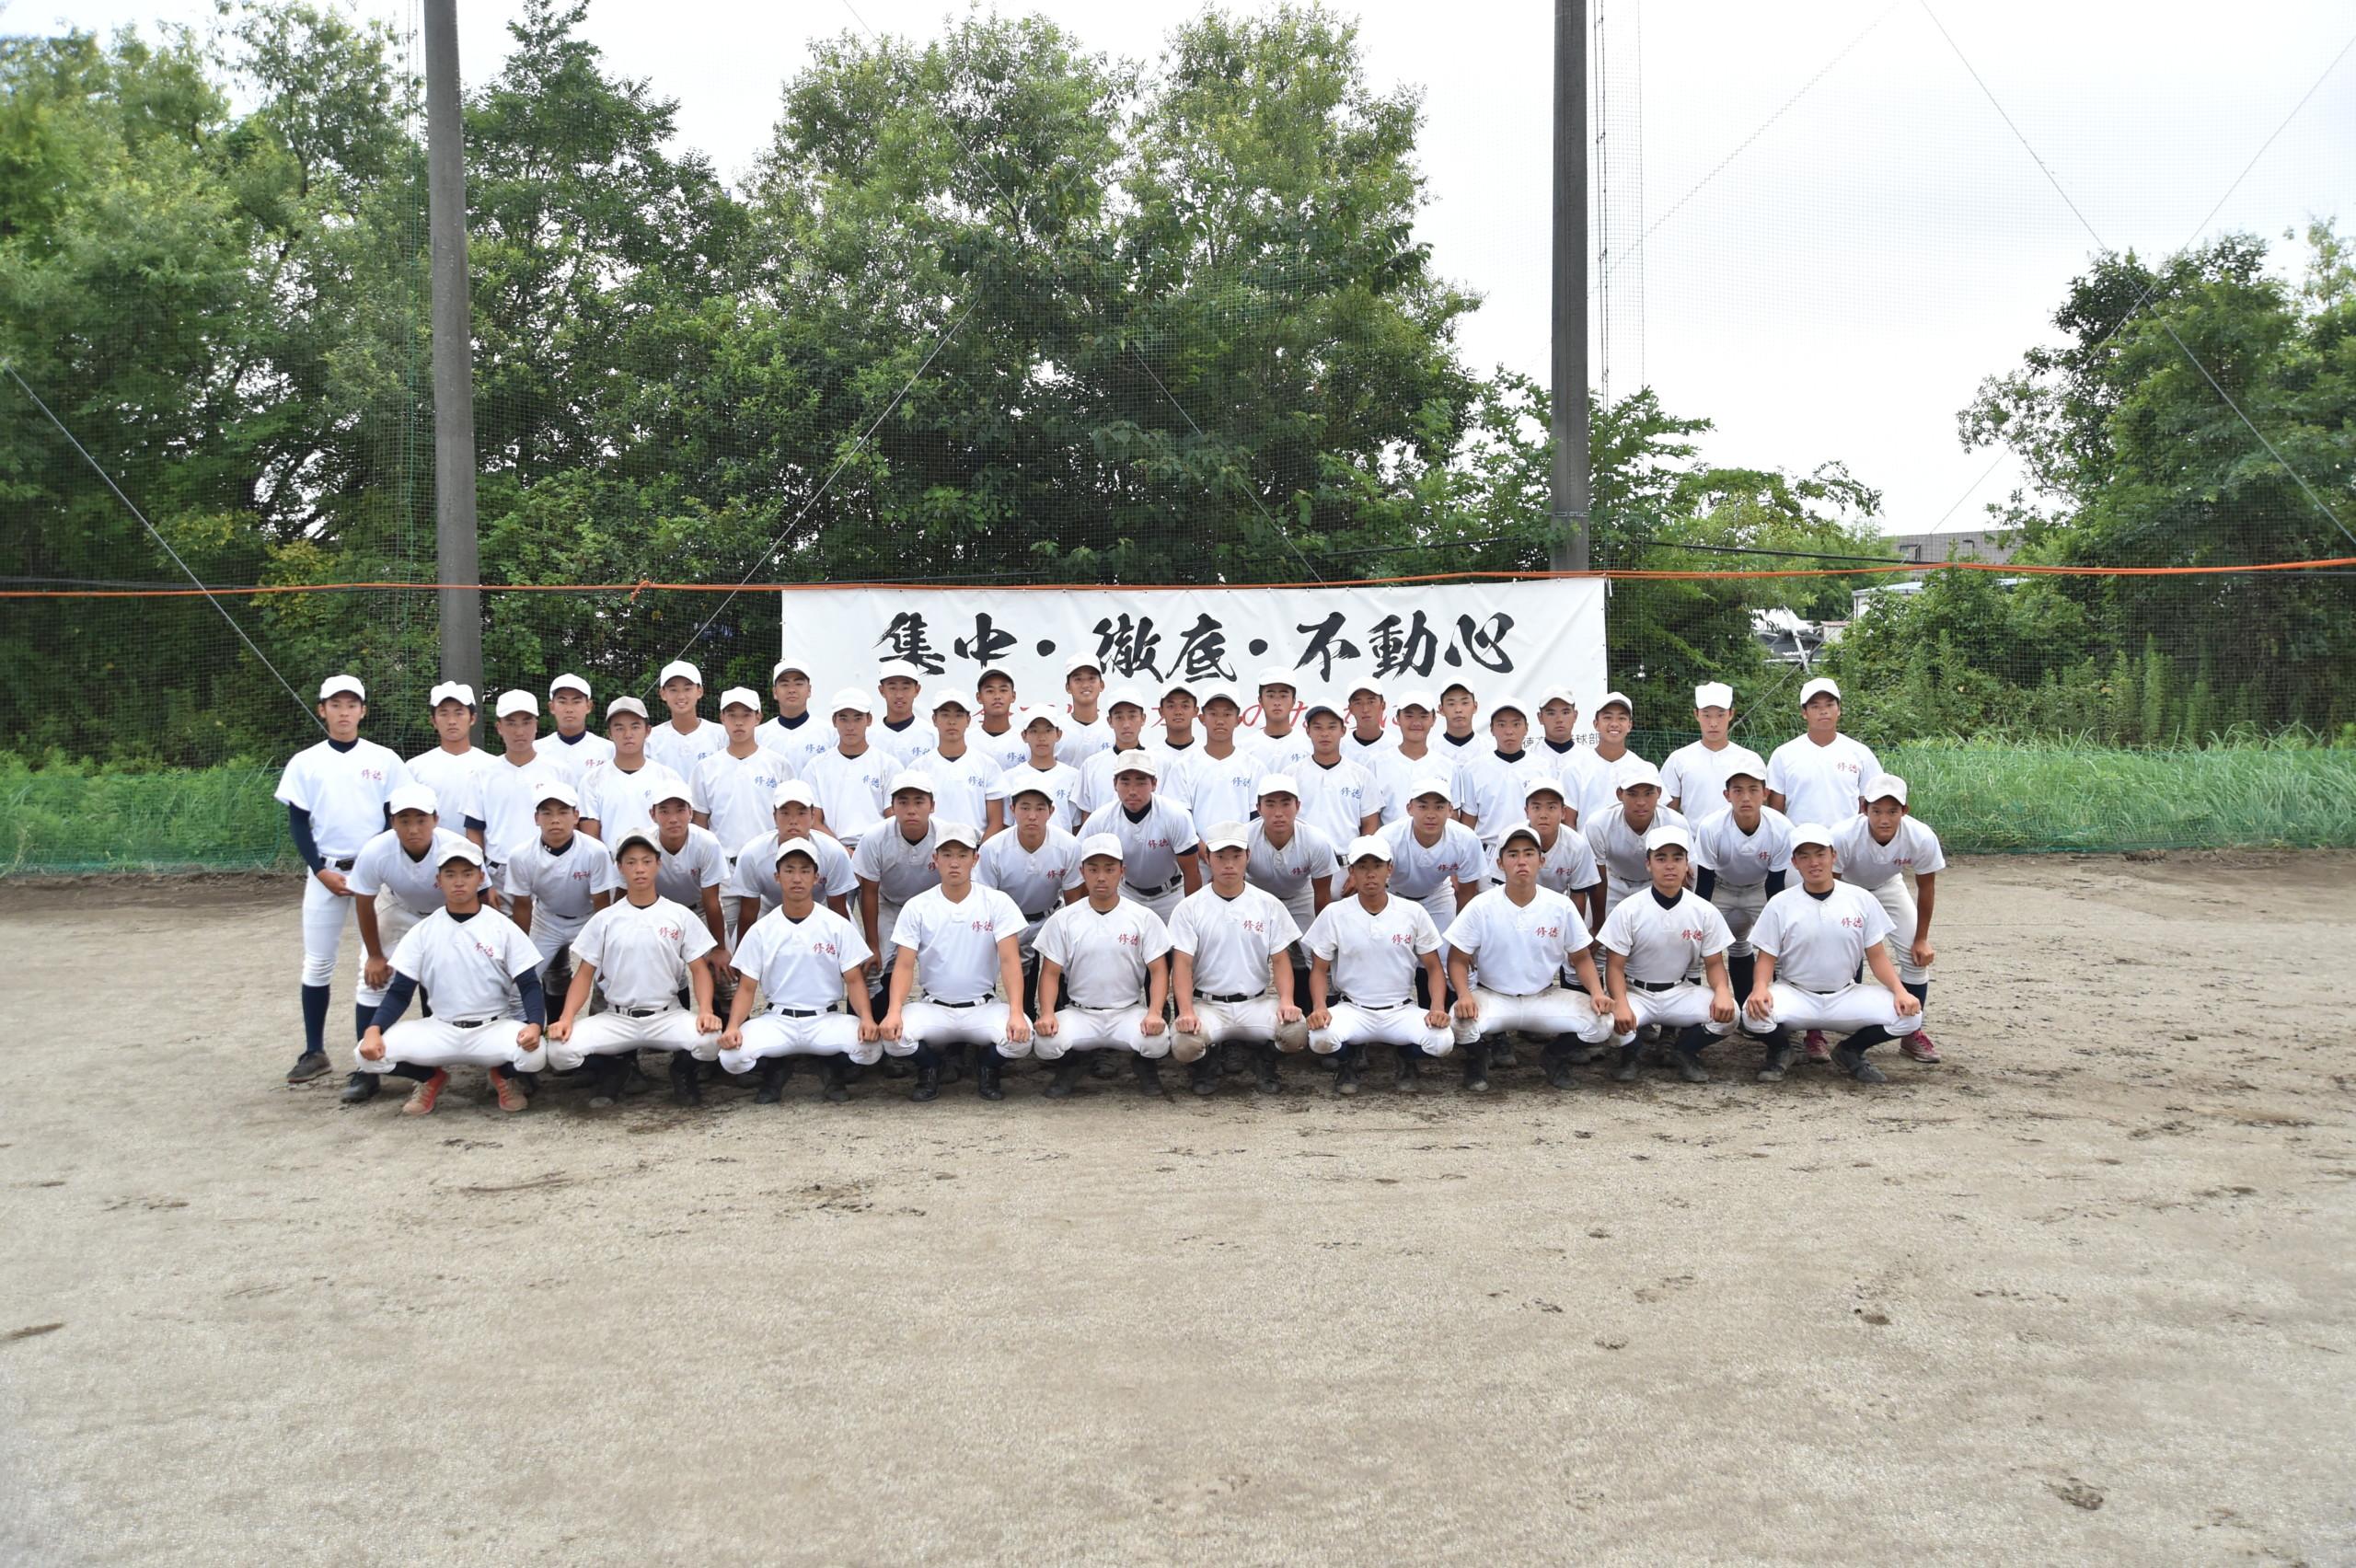 【修徳 高校野球部】「伝統継承」